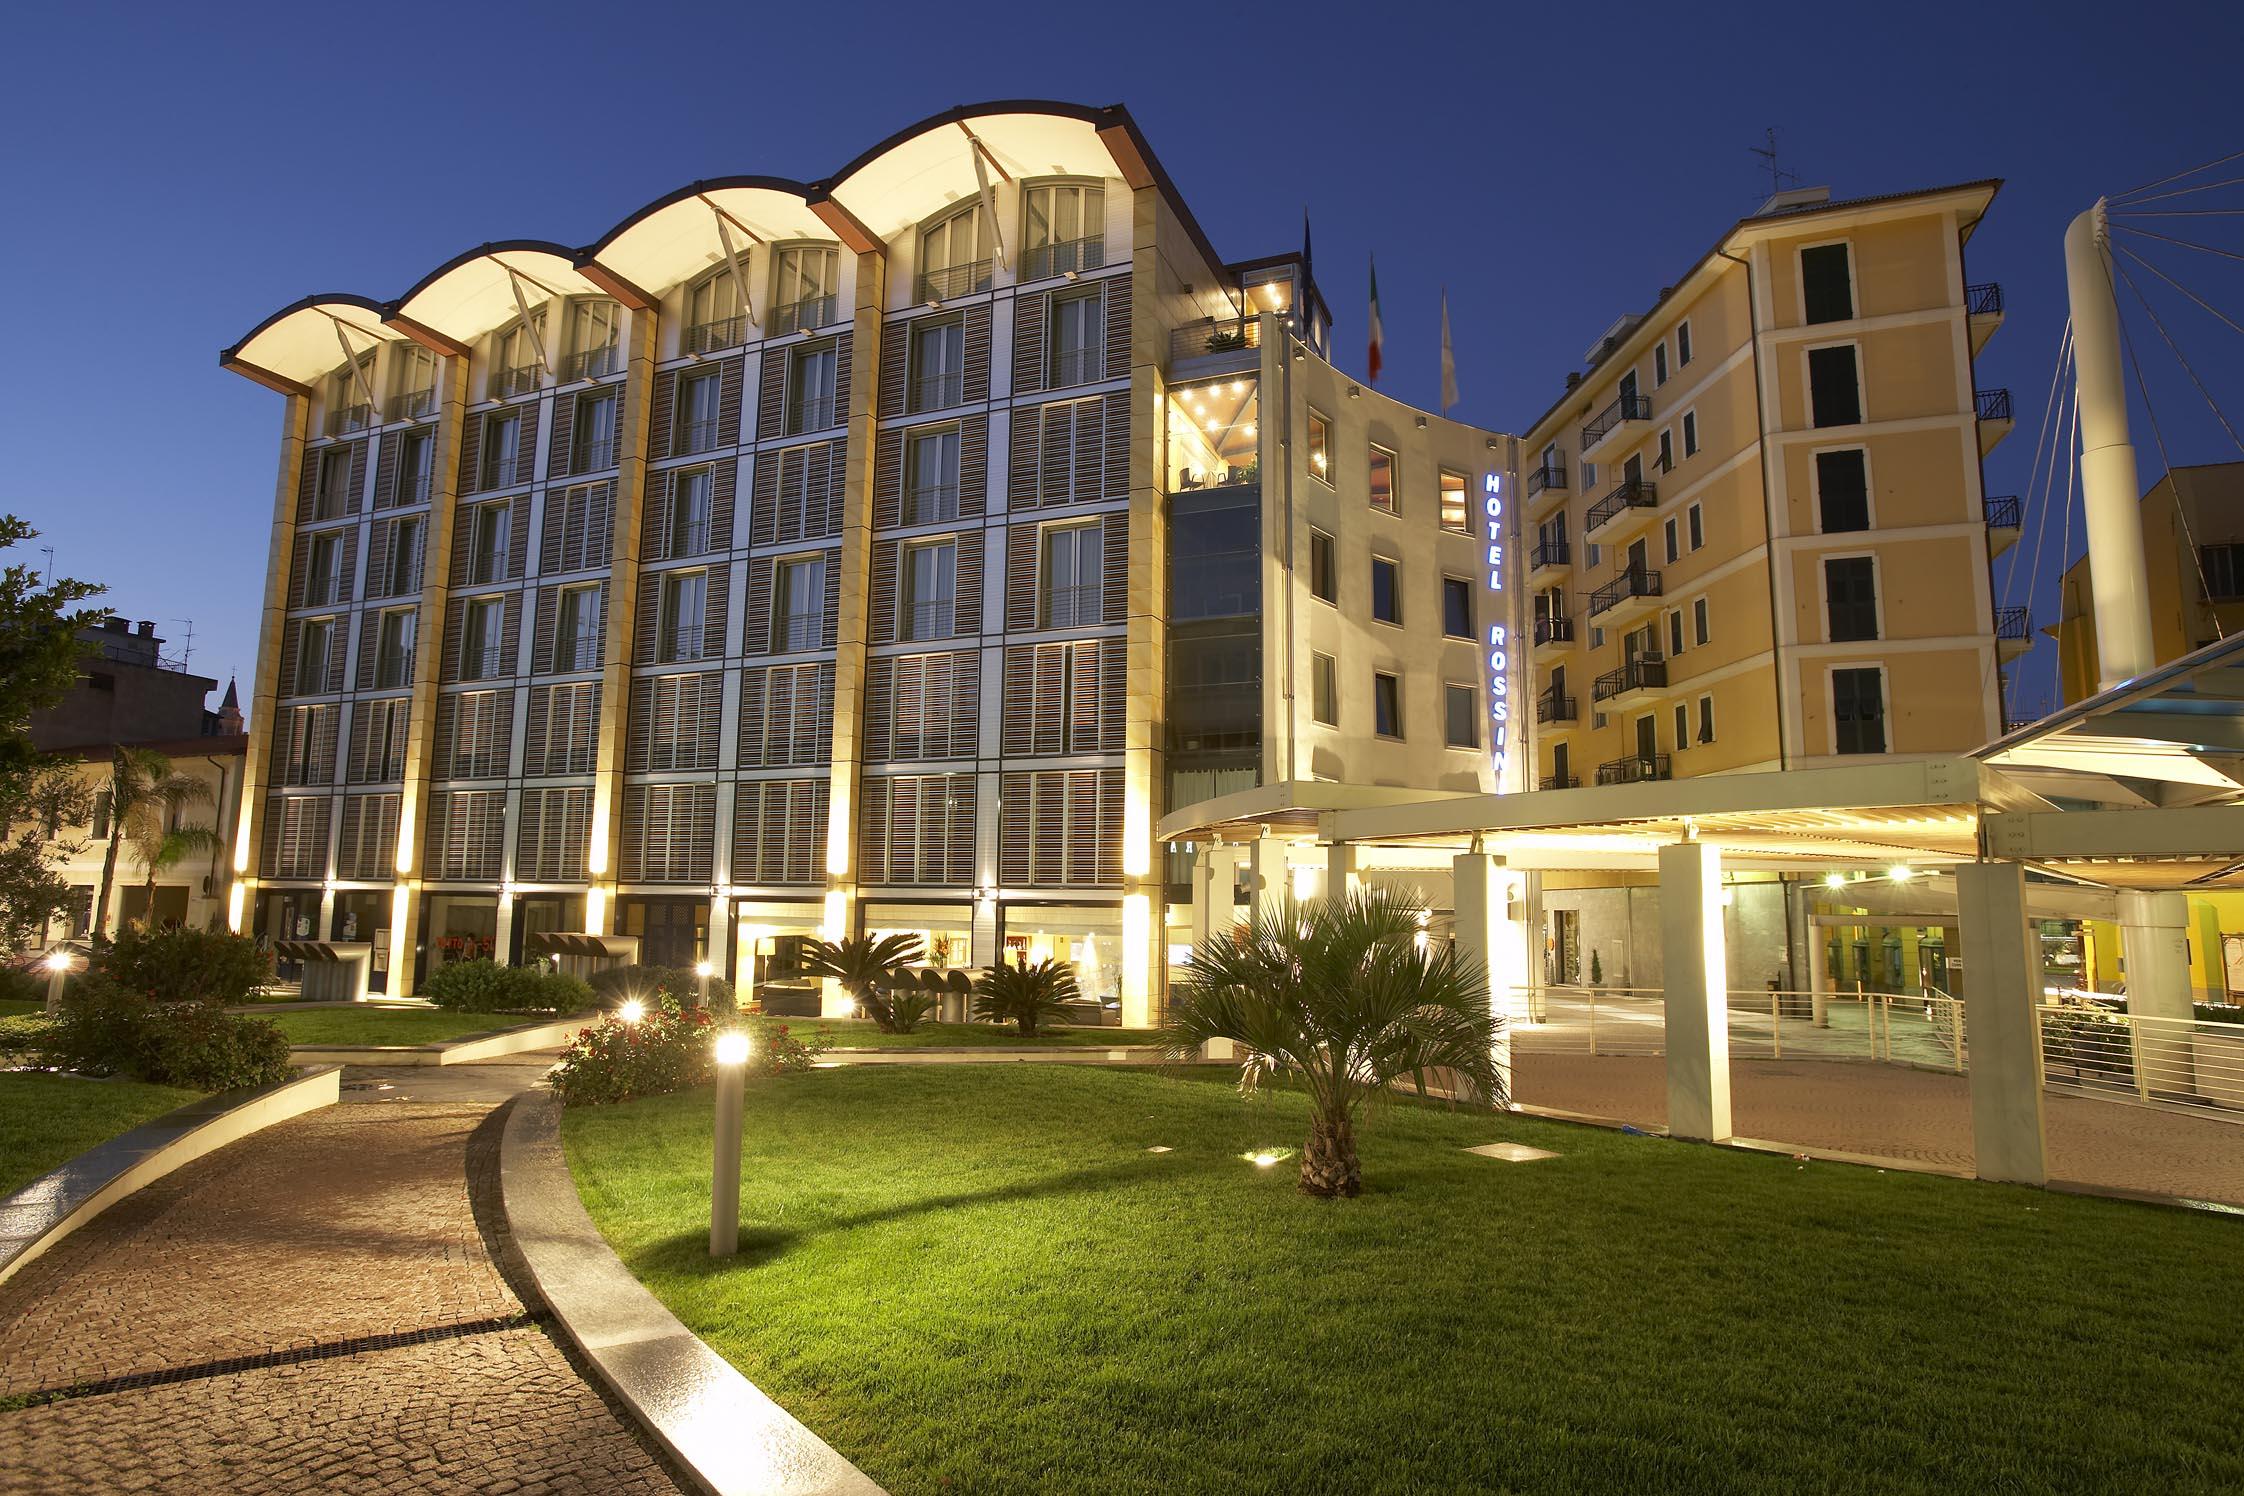 羅西尼阿堤亞托酒店